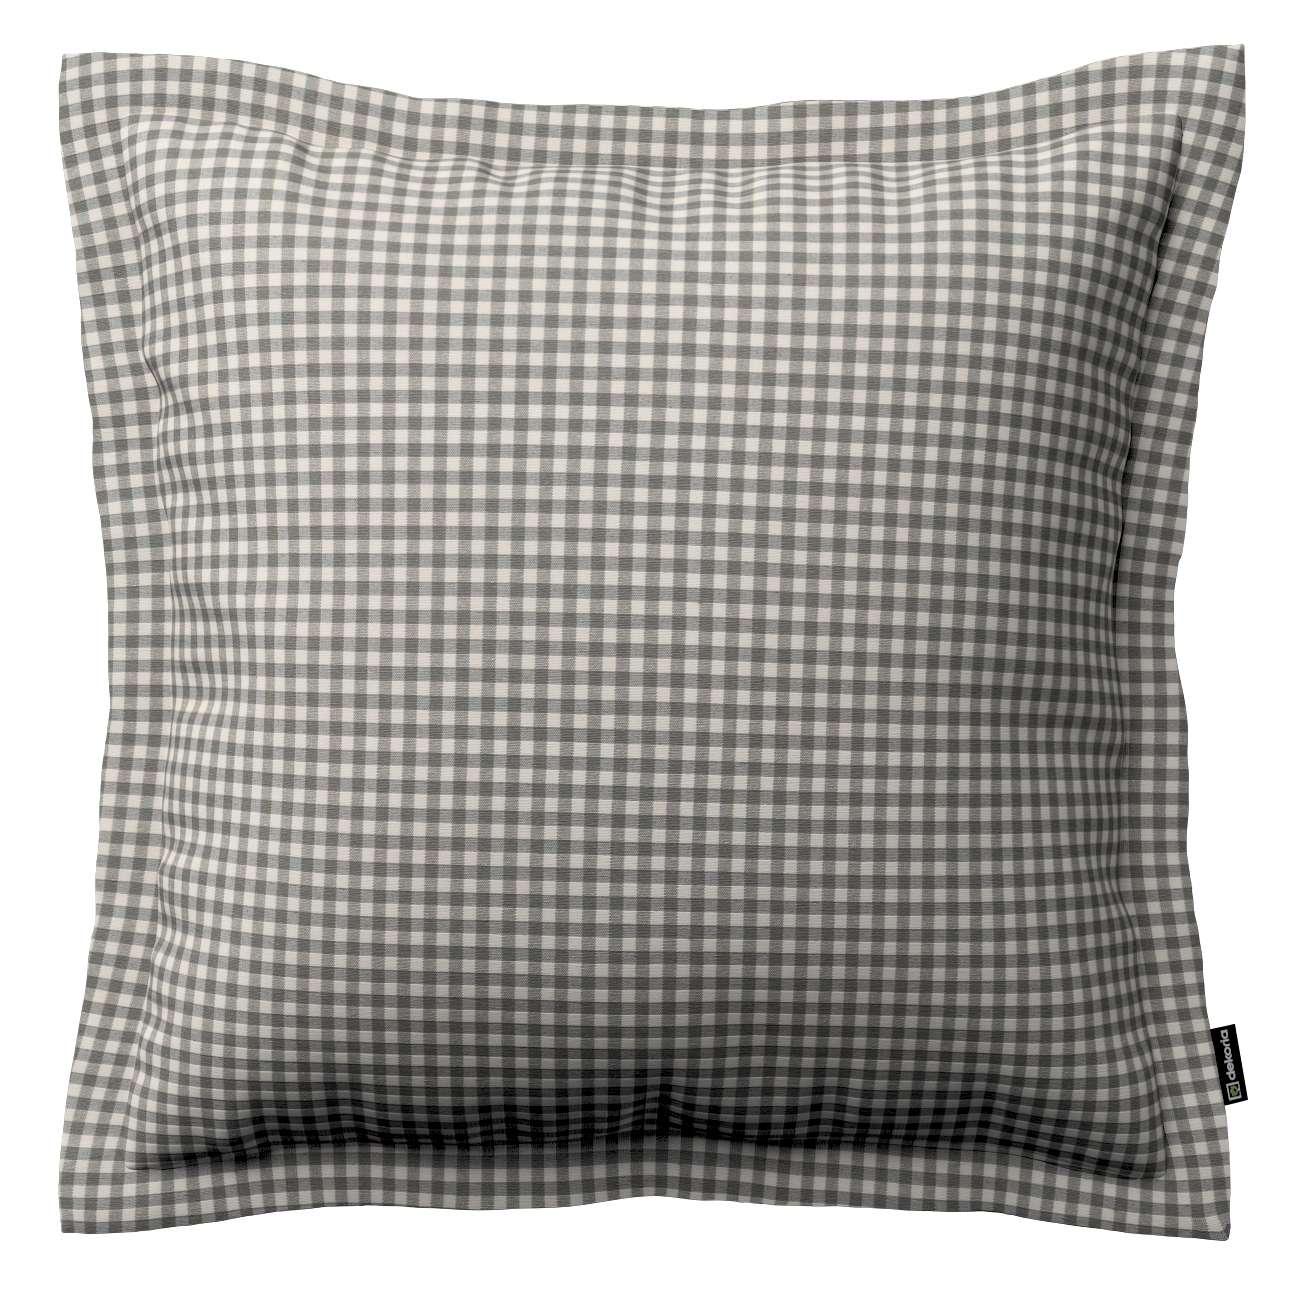 Mona dekoratyvinių pagalvėlių užvalkalas su sienele 38 x 38 cm kolekcijoje Quadro, audinys: 136-10